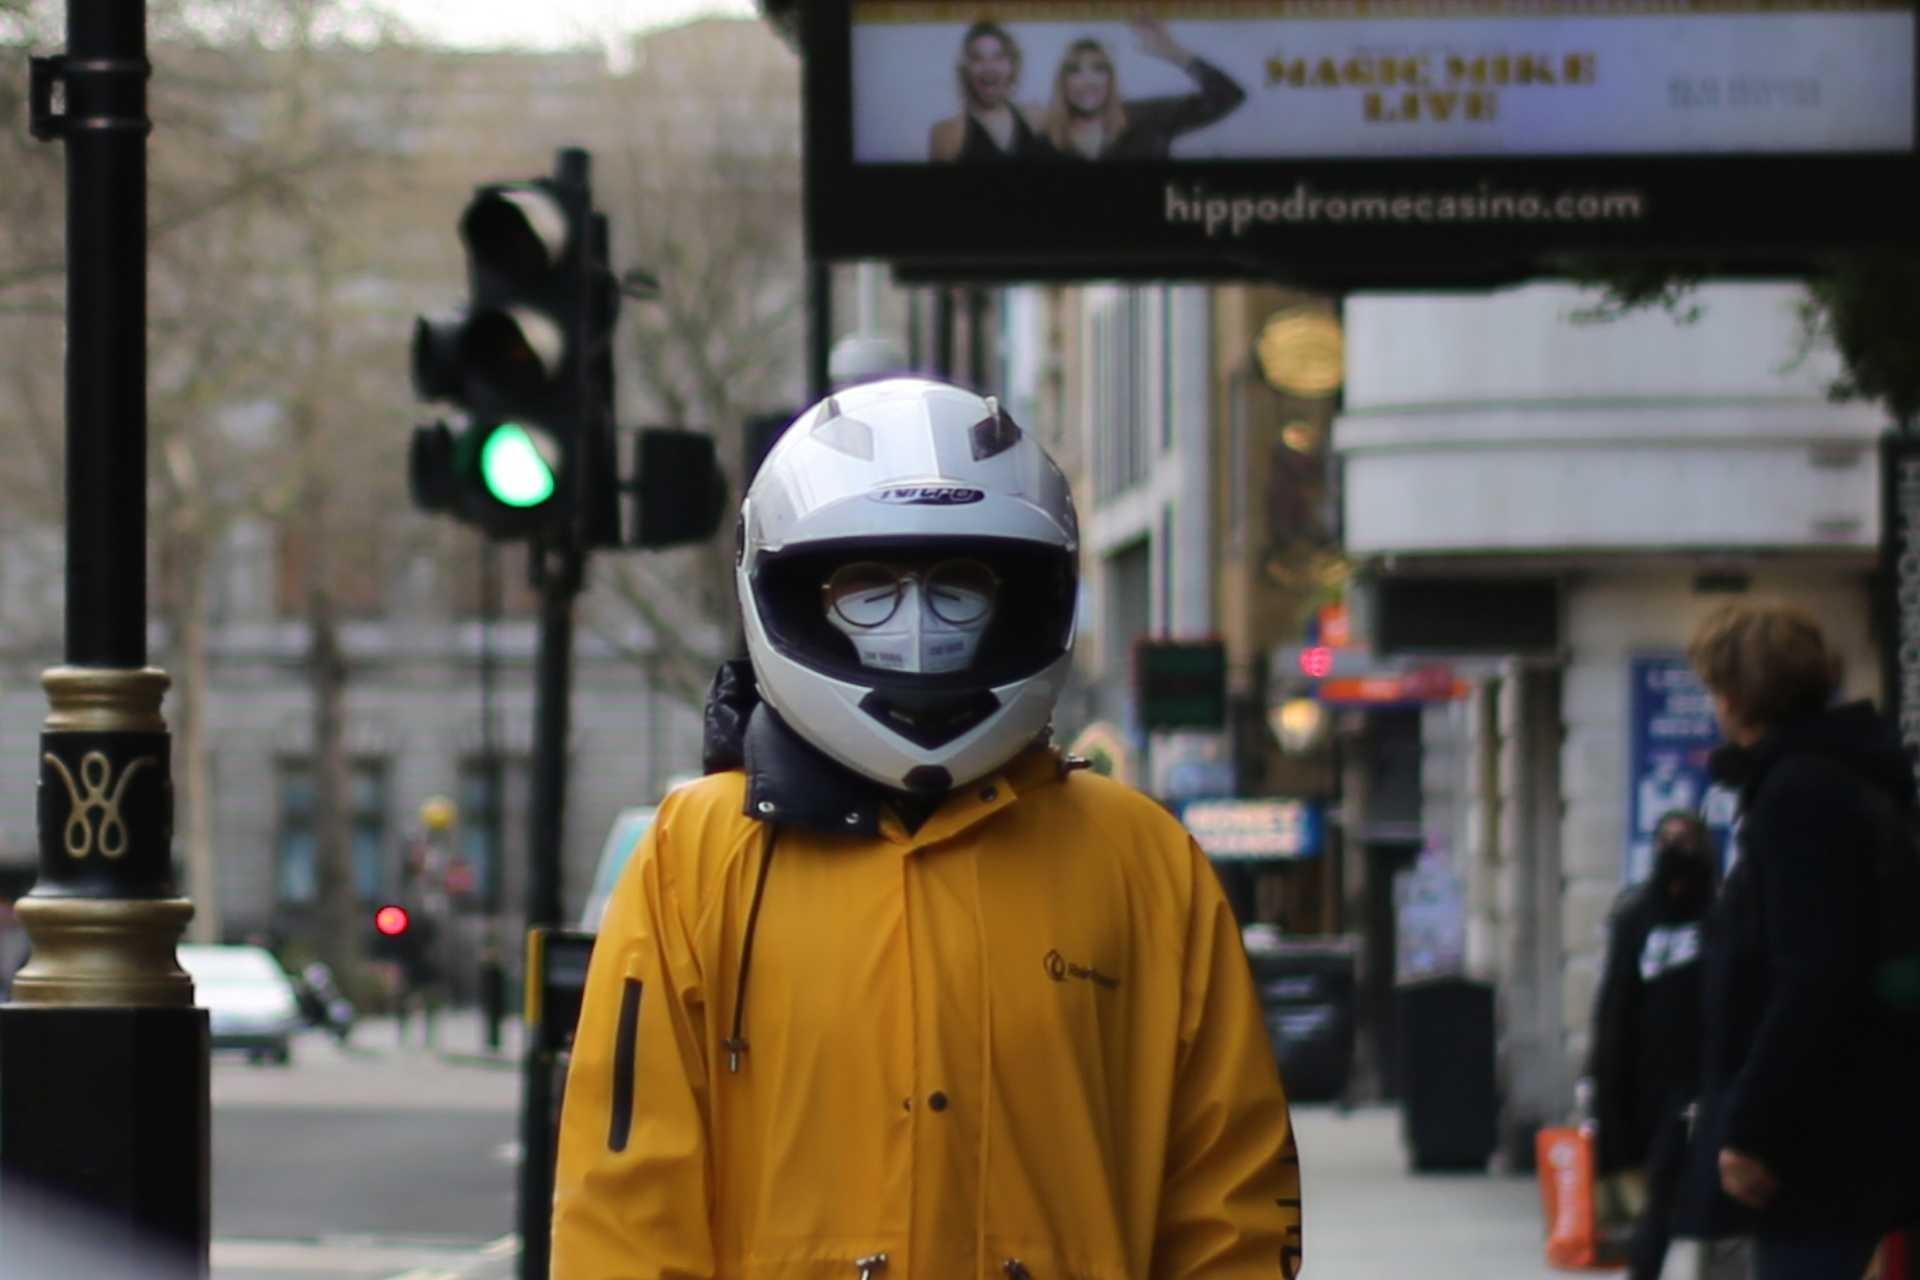 İngiltere'de koronavirüs (Kovid-19) salgını yüzünden boş caddede yüzünde maske ve kafasında motosiklet kaskı ile dolaşan biri.